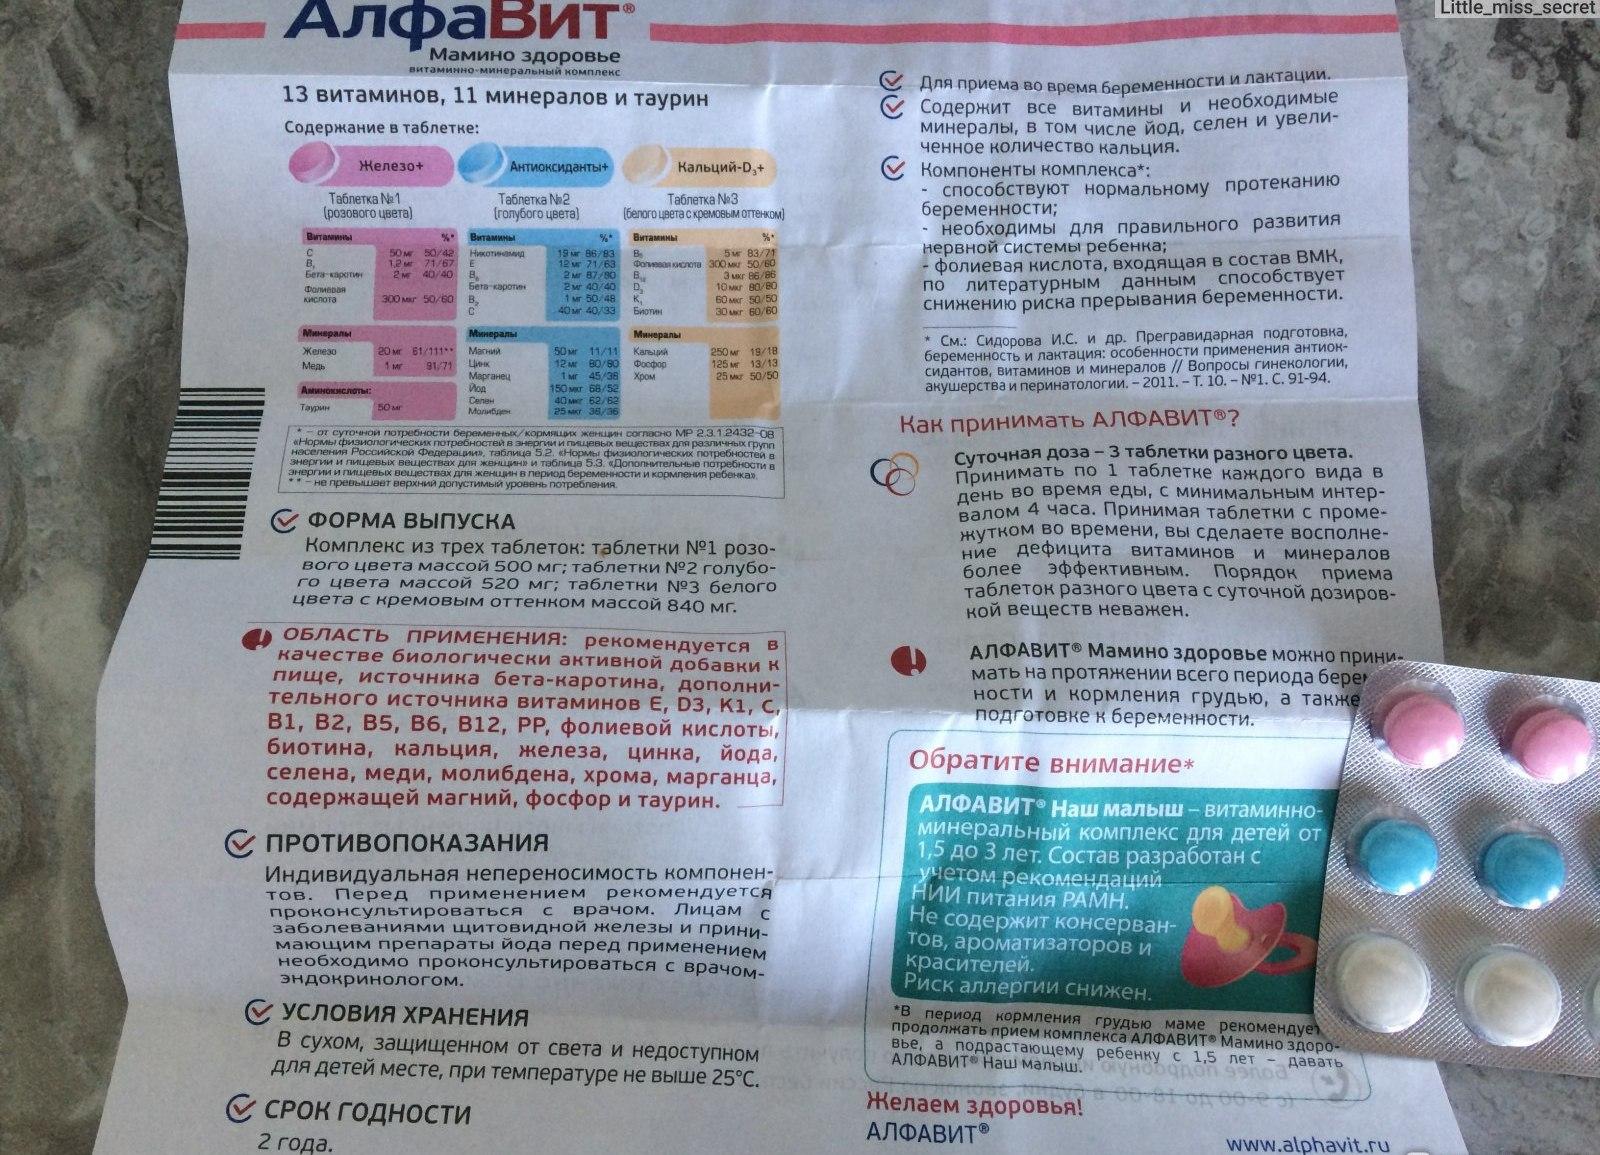 Алфавит мамино здоровье. инструкция по применению. показания. состав. способ приема. побочные действия. аналоги. цена. отзывы.